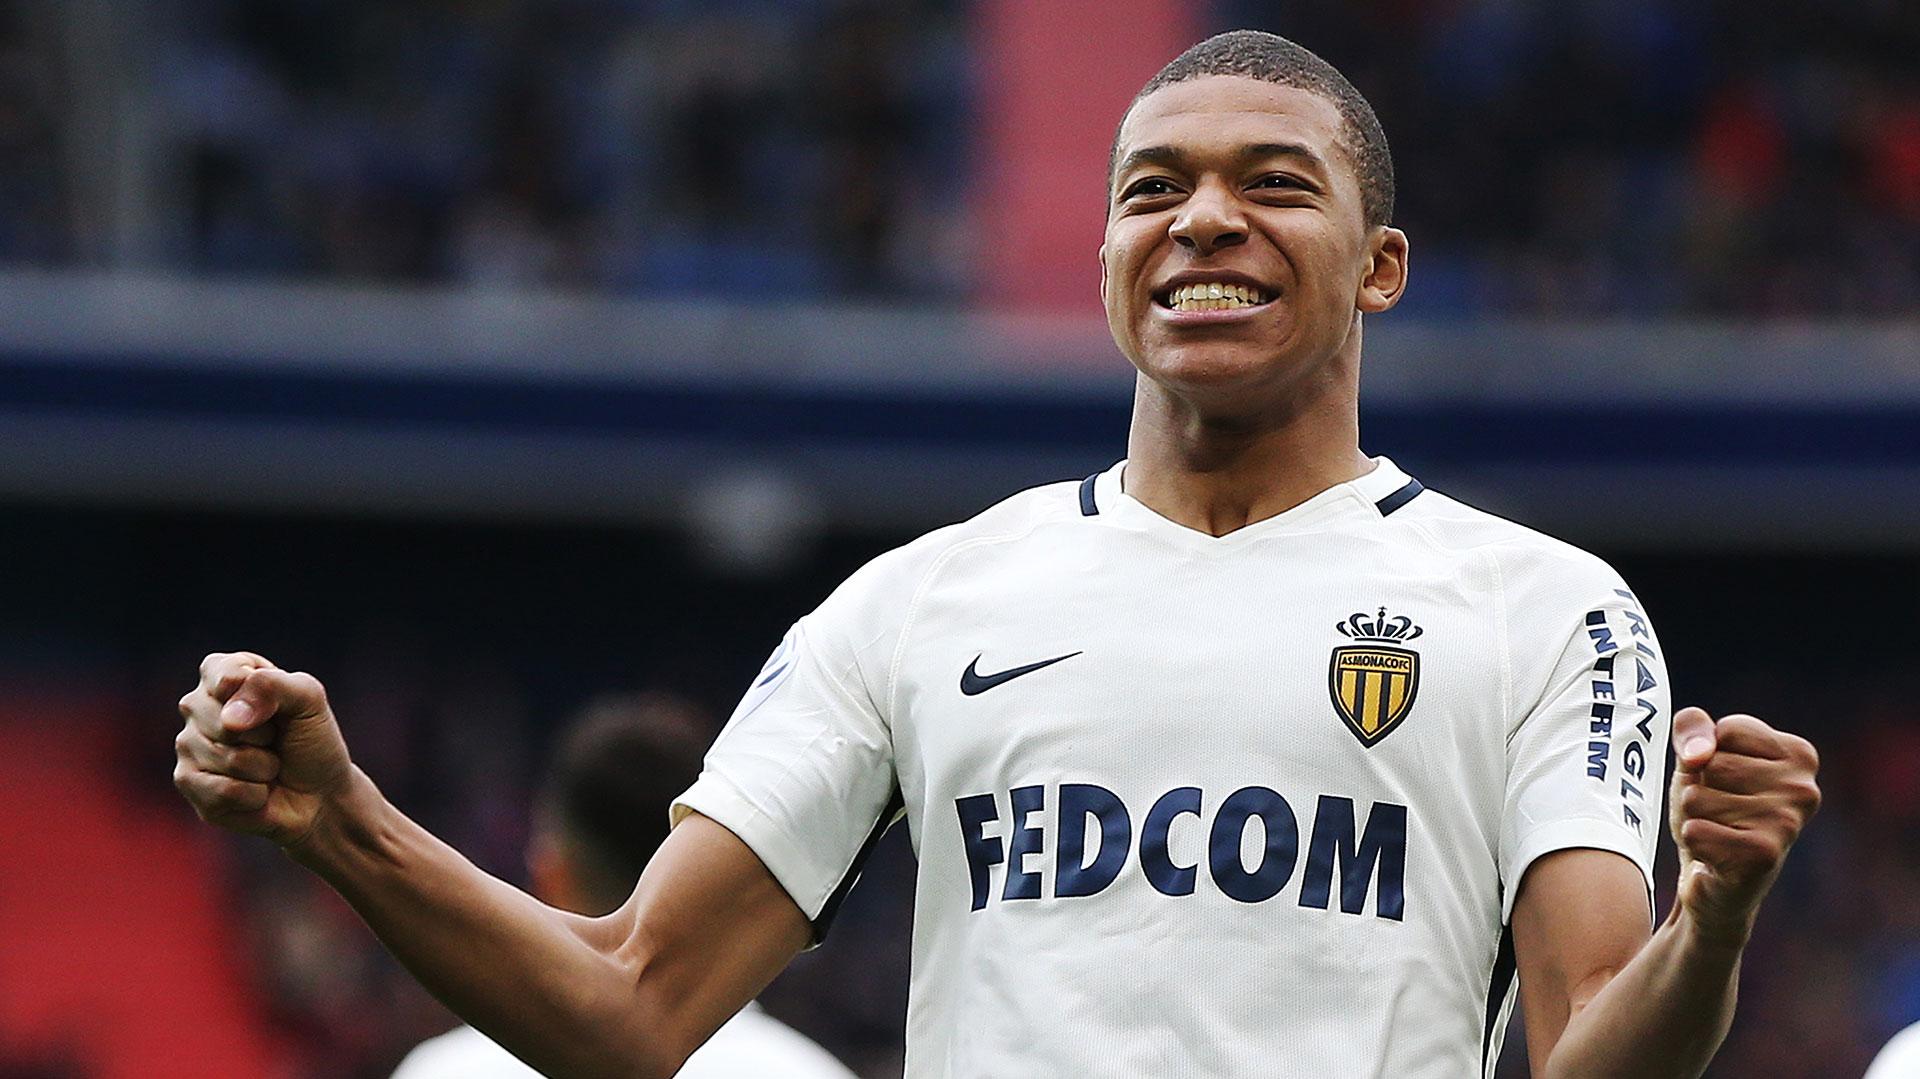 (AFP) Kylian Mbappé (Mónaco) es un joven delantero que está en la órbita del conjunto merengue